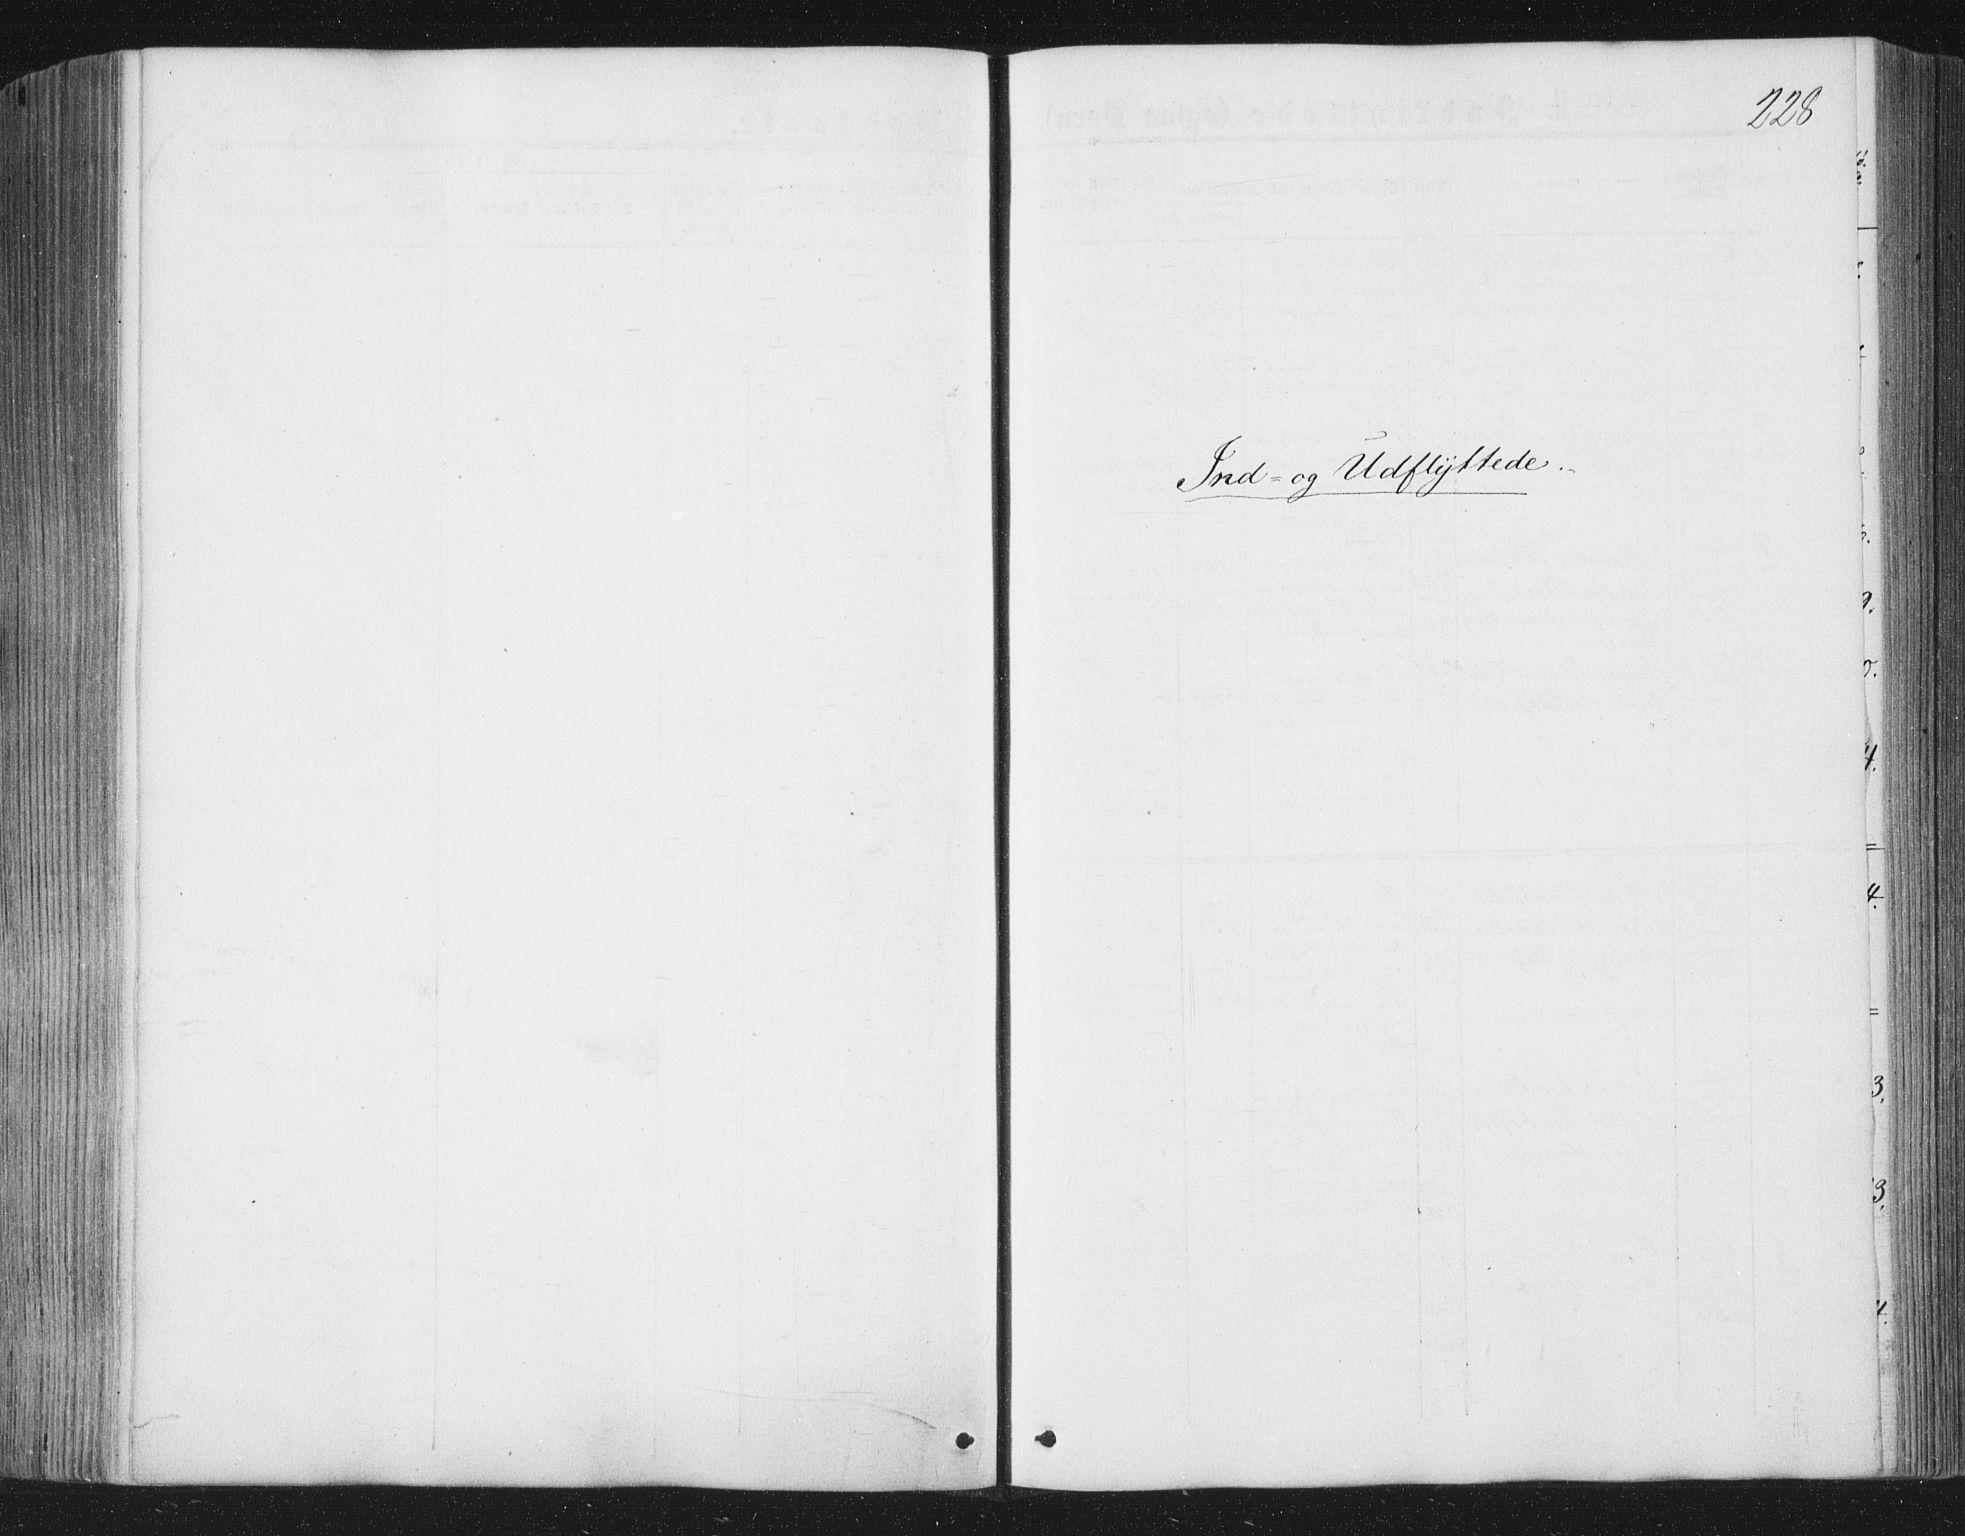 SAT, Ministerialprotokoller, klokkerbøker og fødselsregistre - Nord-Trøndelag, 749/L0472: Ministerialbok nr. 749A06, 1857-1873, s. 228